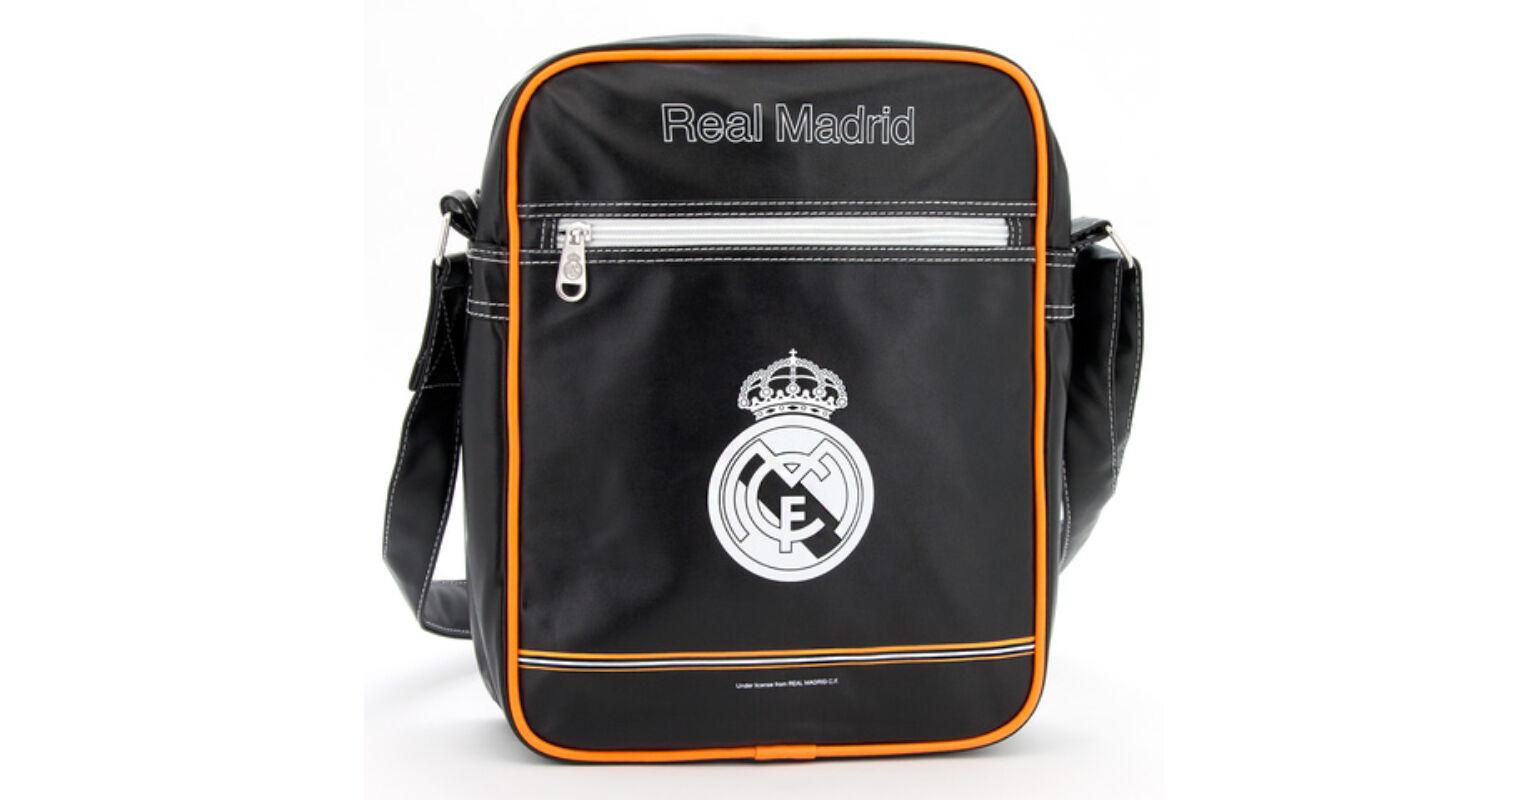 82174a91a605 Real Madrid közepes álló oldaltáska 8.716 Ft-os áron!